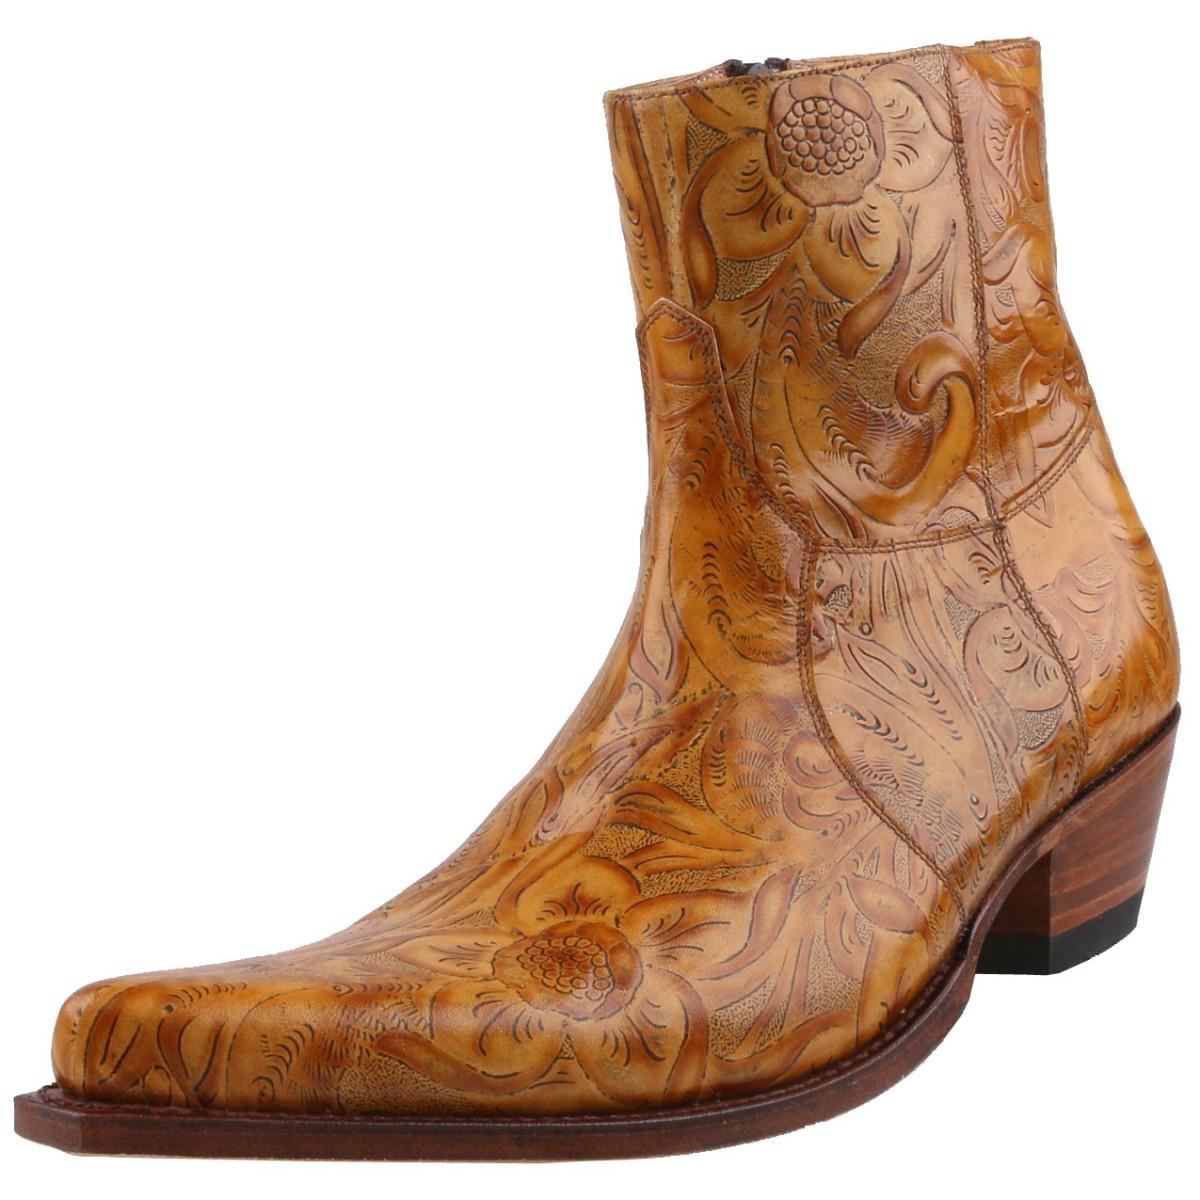 Details zu Neu SENDRA BOOTS Herren Stiefel Stiefelette Westernstiefel Leder Schuhe Braun